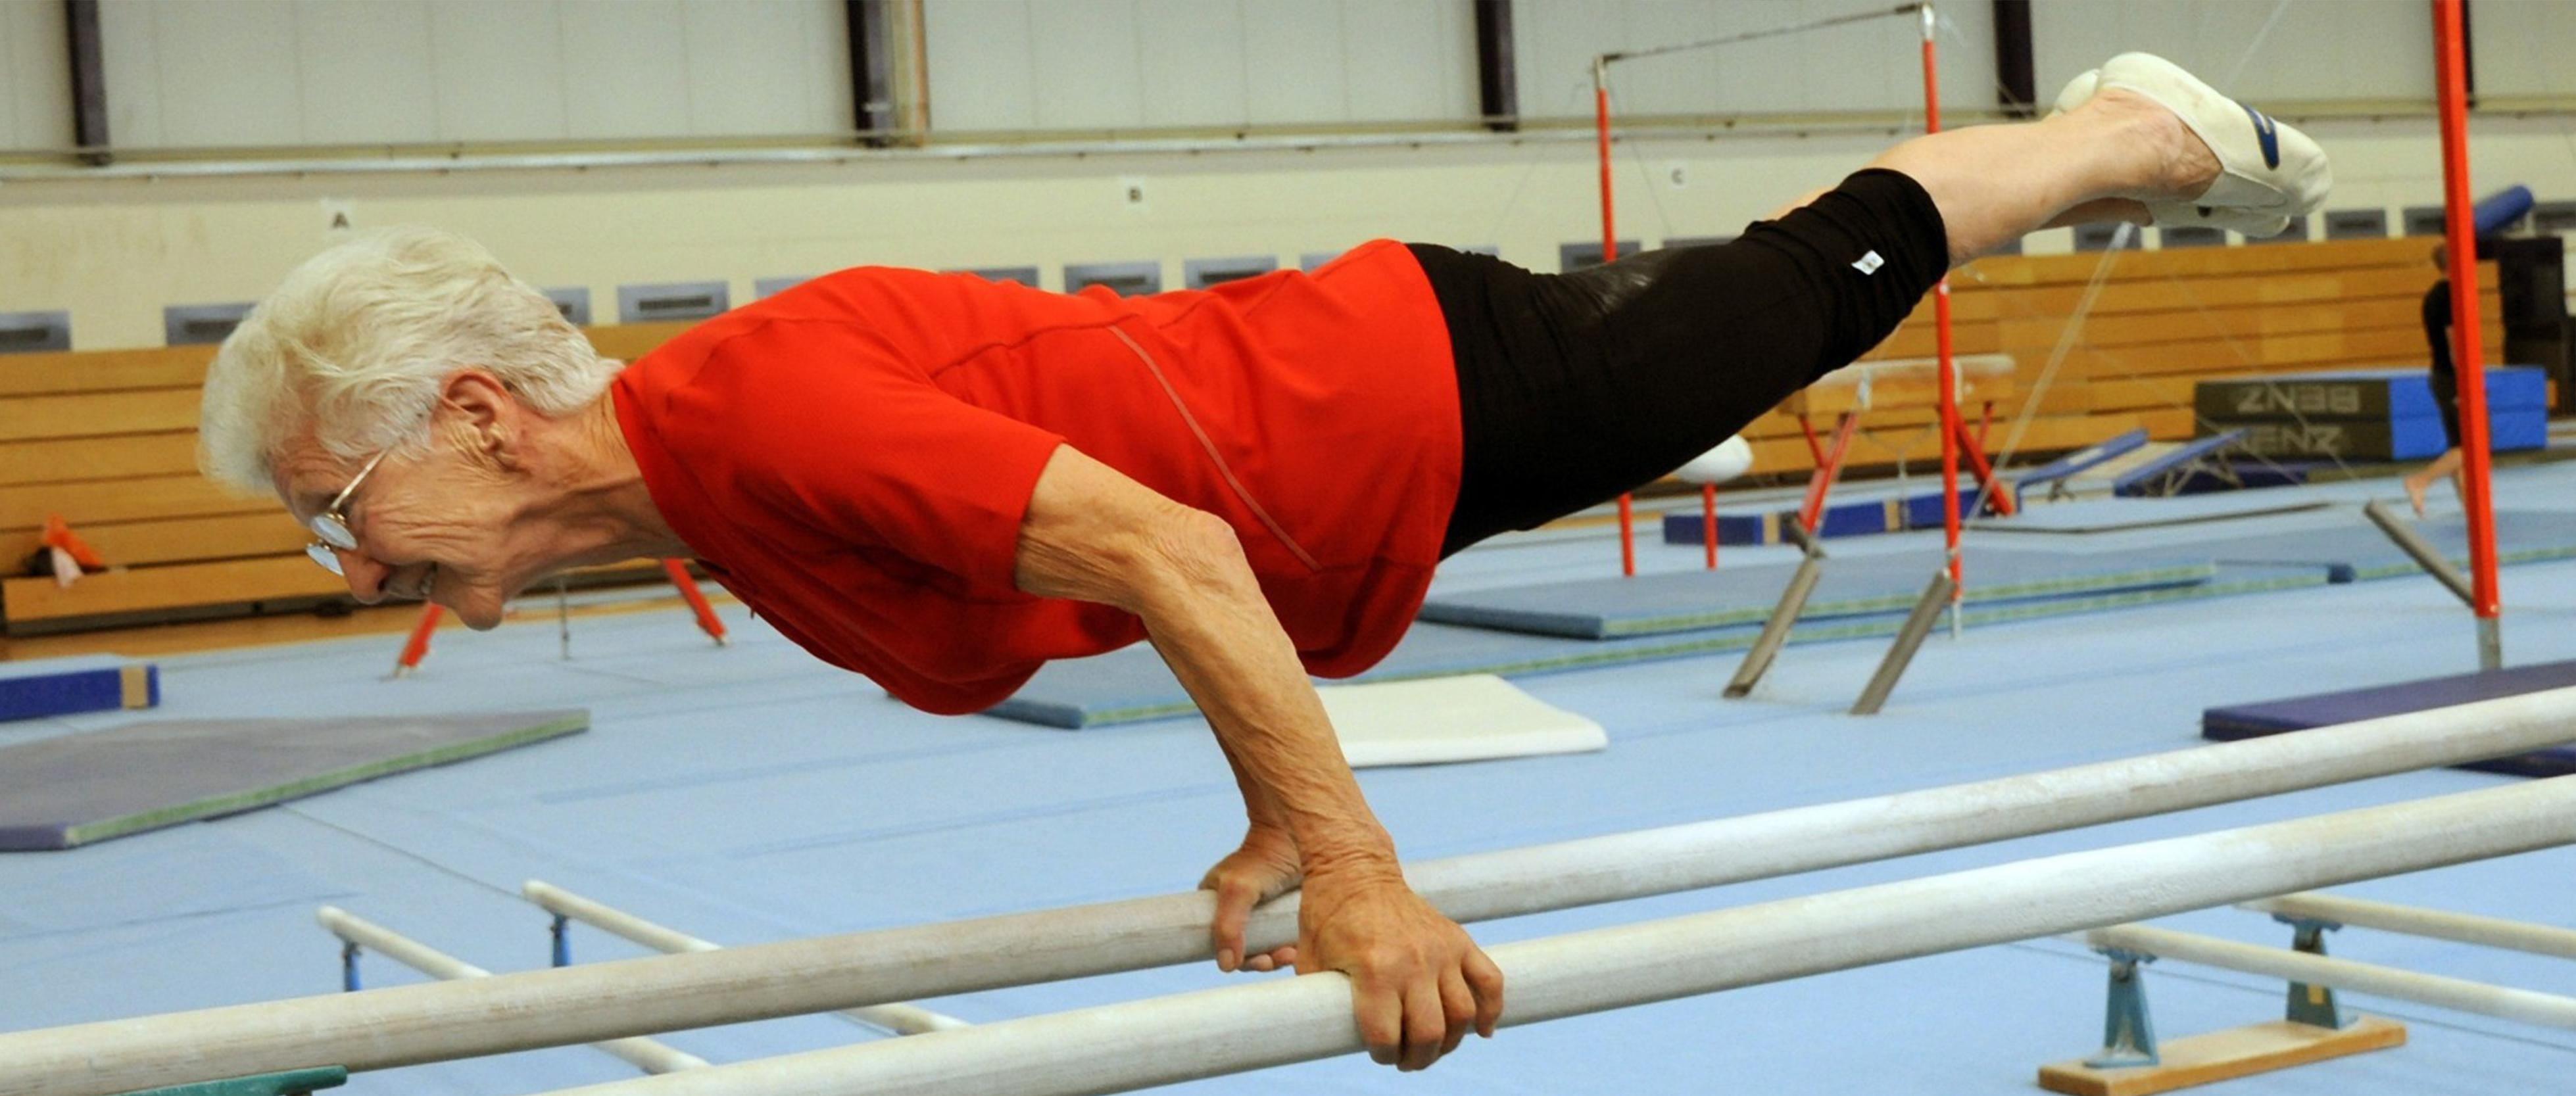 هل على كبار السن الاستمرار بممارسة الرياضة؟